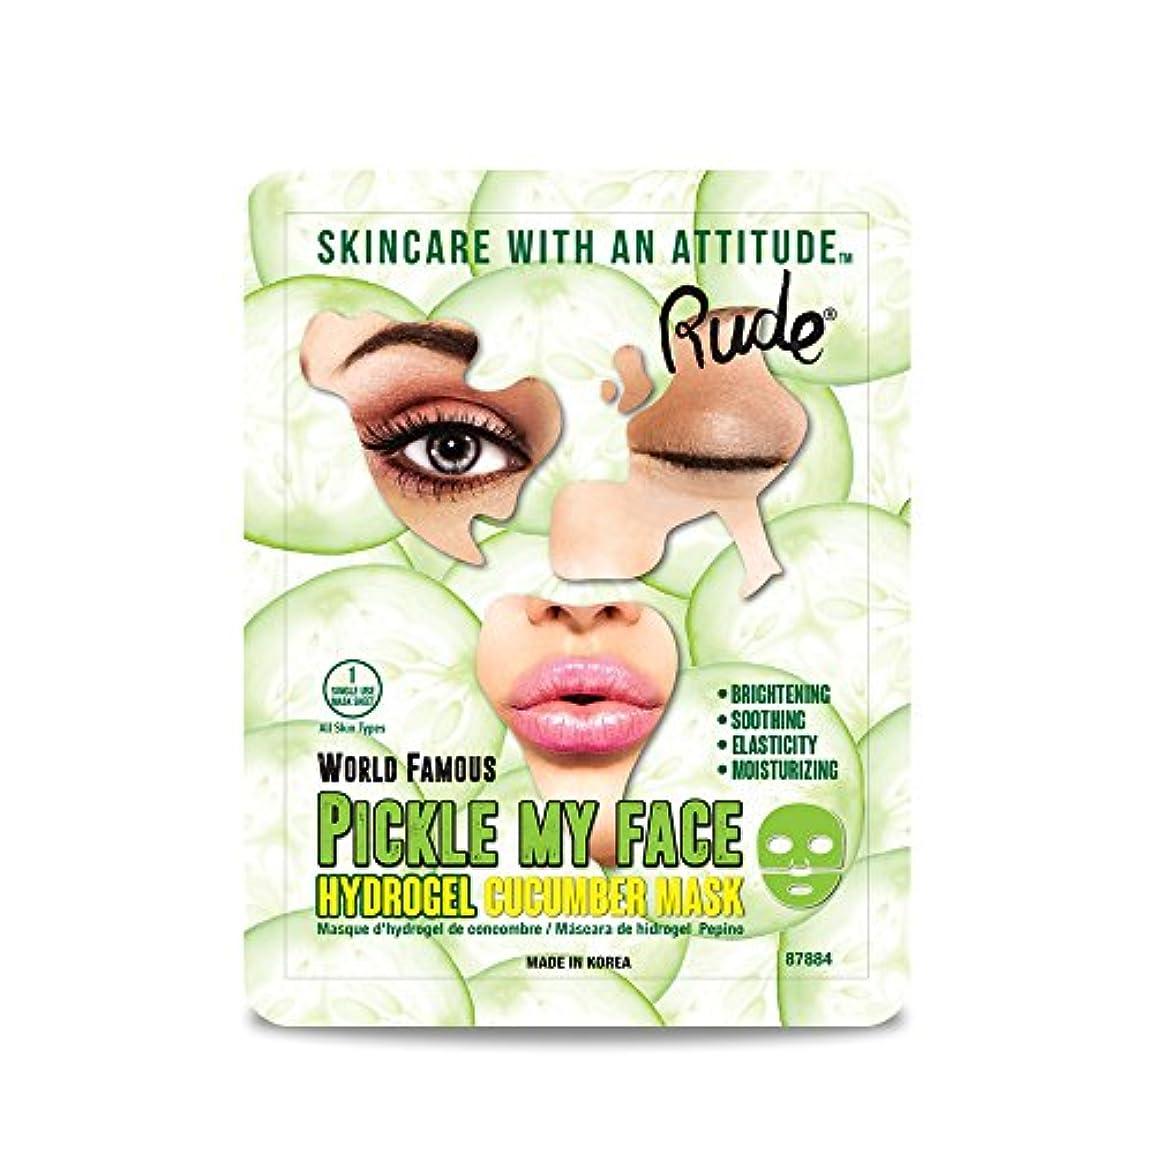 連結する拡声器ペインギリック(3 Pack) RUDE Pickle My Face Hydrogel Cucumber Mask (並行輸入品)